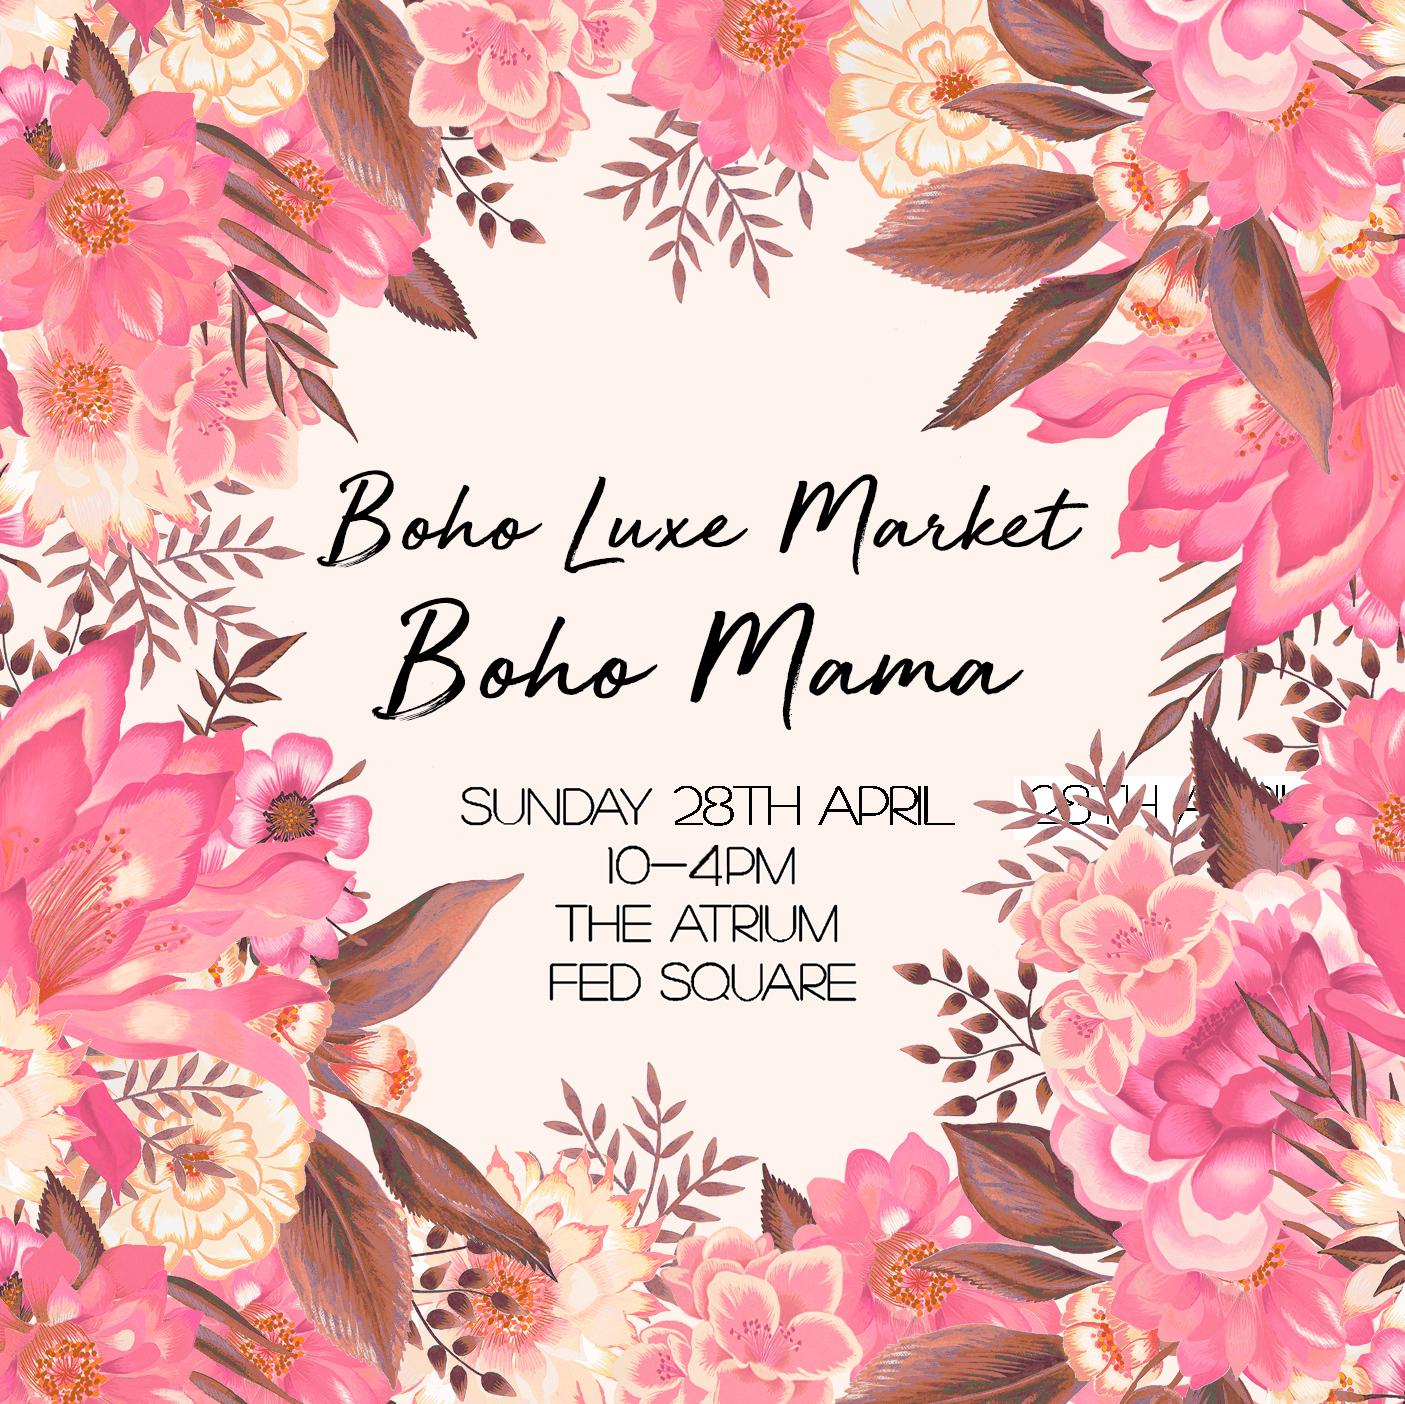 BOHO MAMA Boho Luxe Market ...sunday... FED SQUARE 10-4pm MELBOURNE